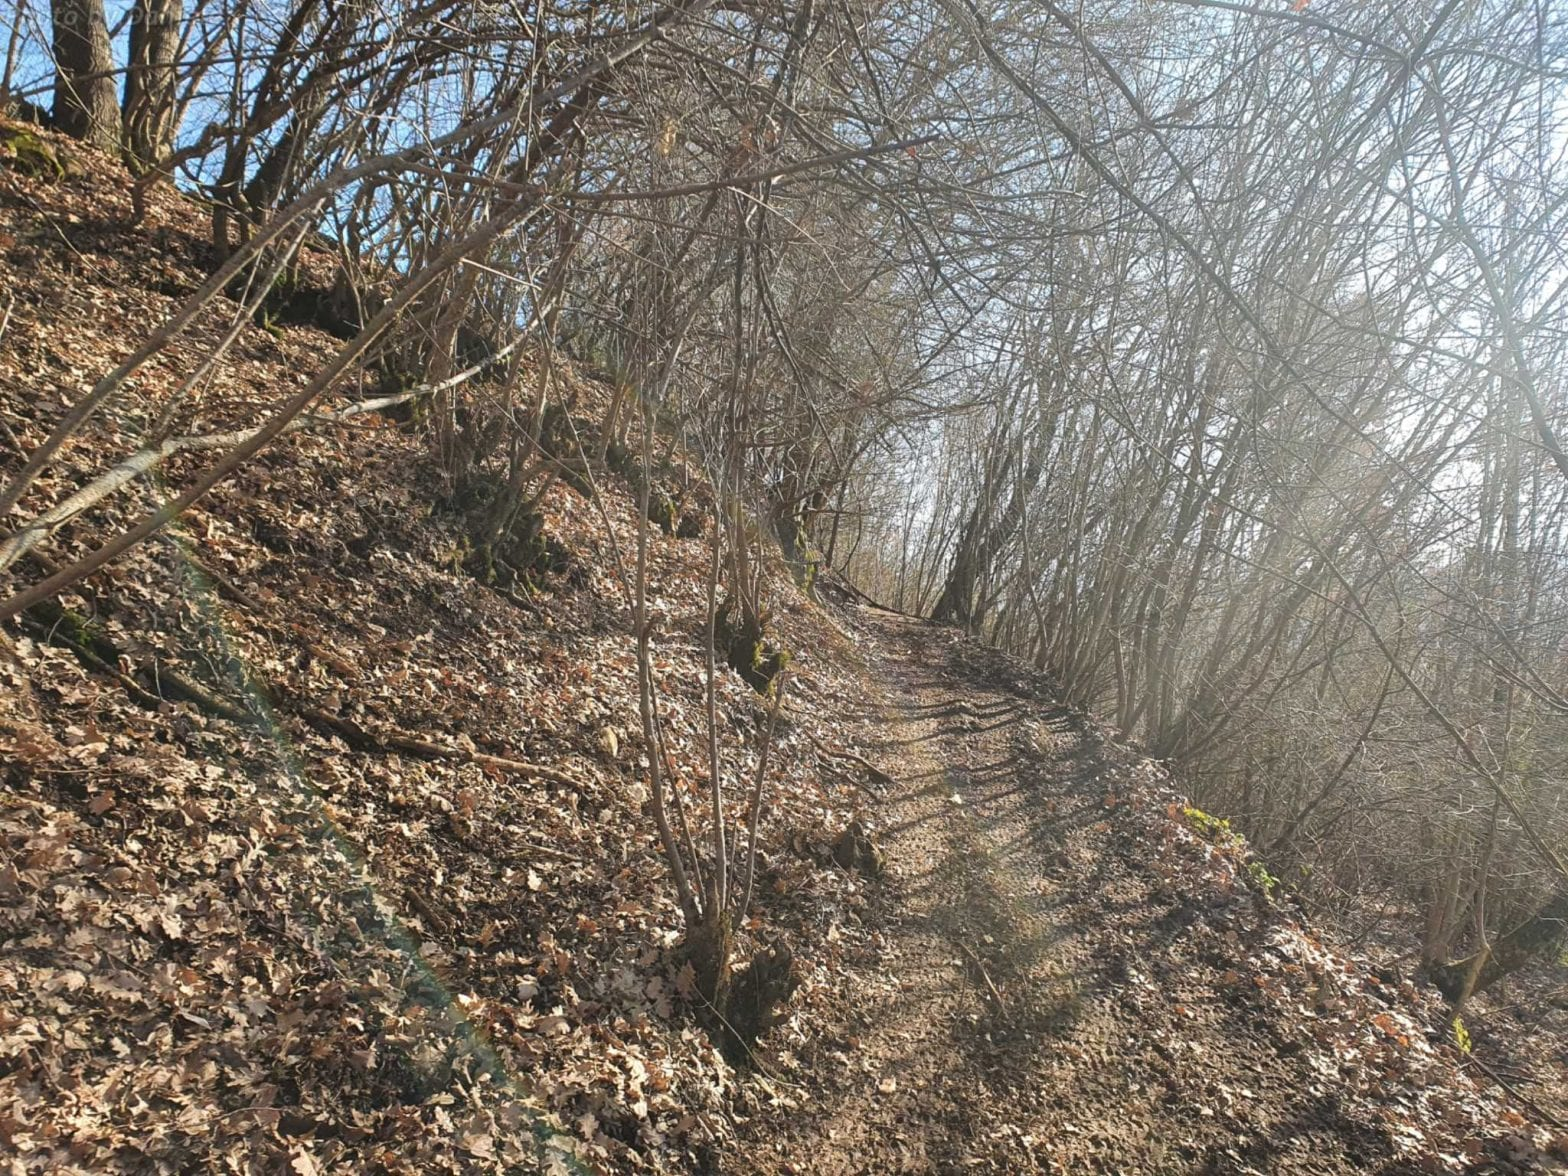 Sentiero di montagna a Norcia con foglie secche